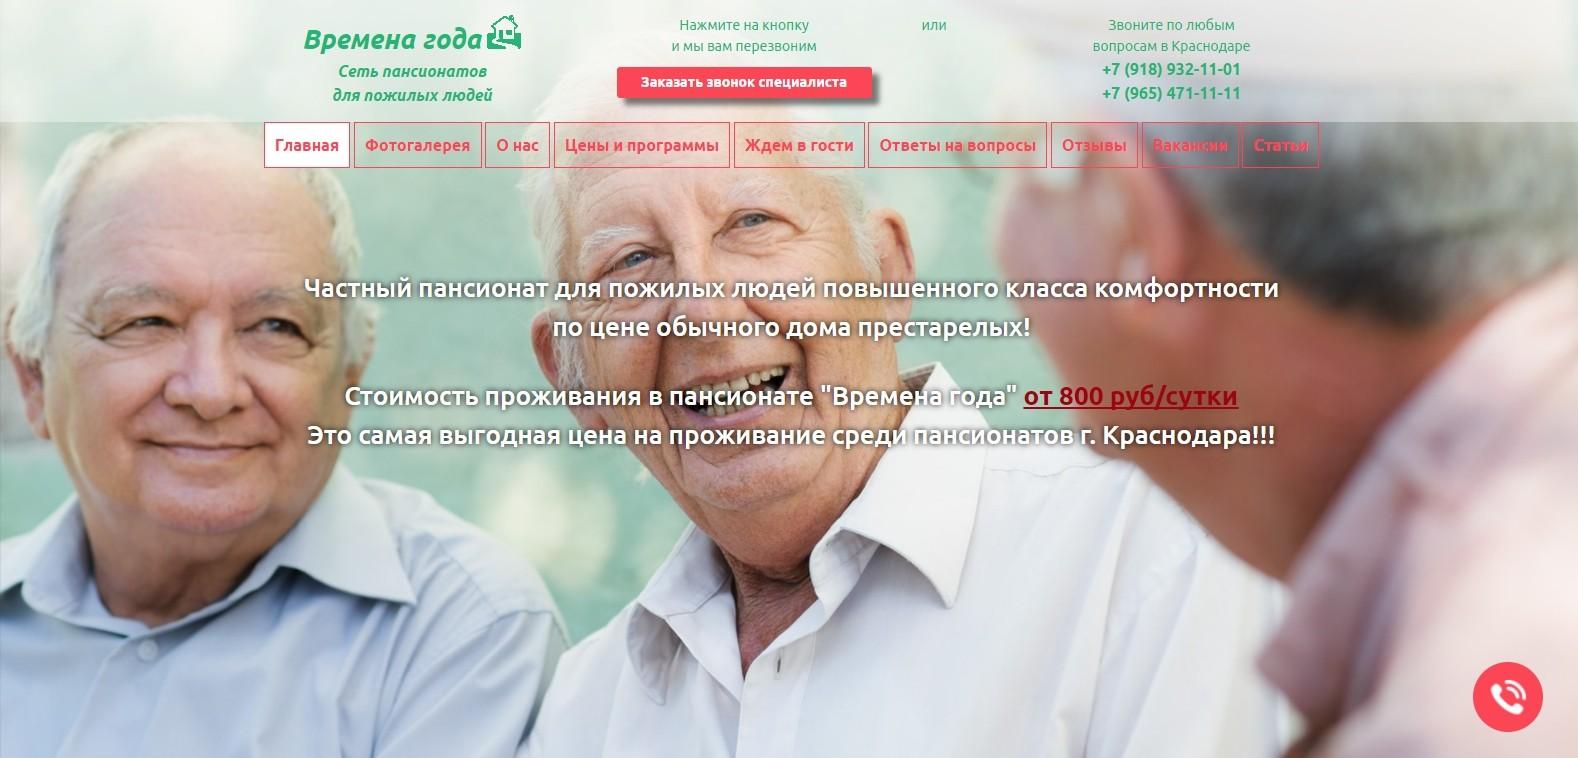 пансионат для пожилых владимир